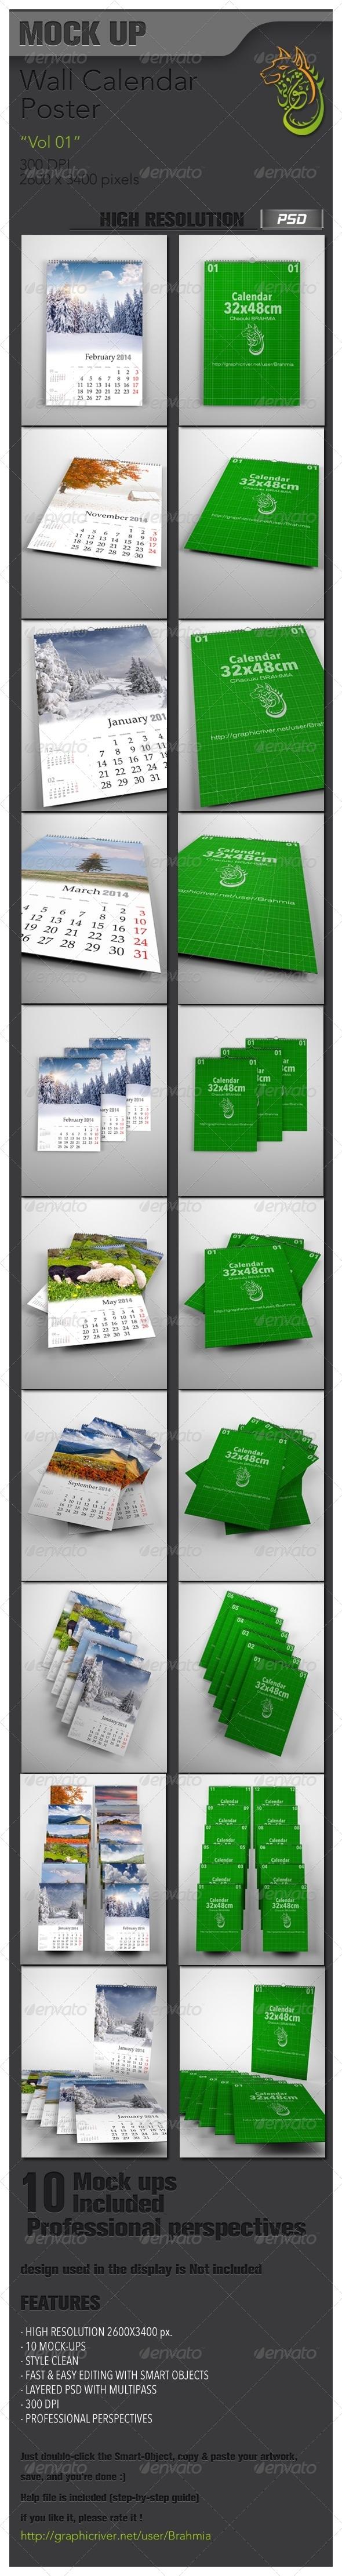 Wall Calendar Mockup Vol 01